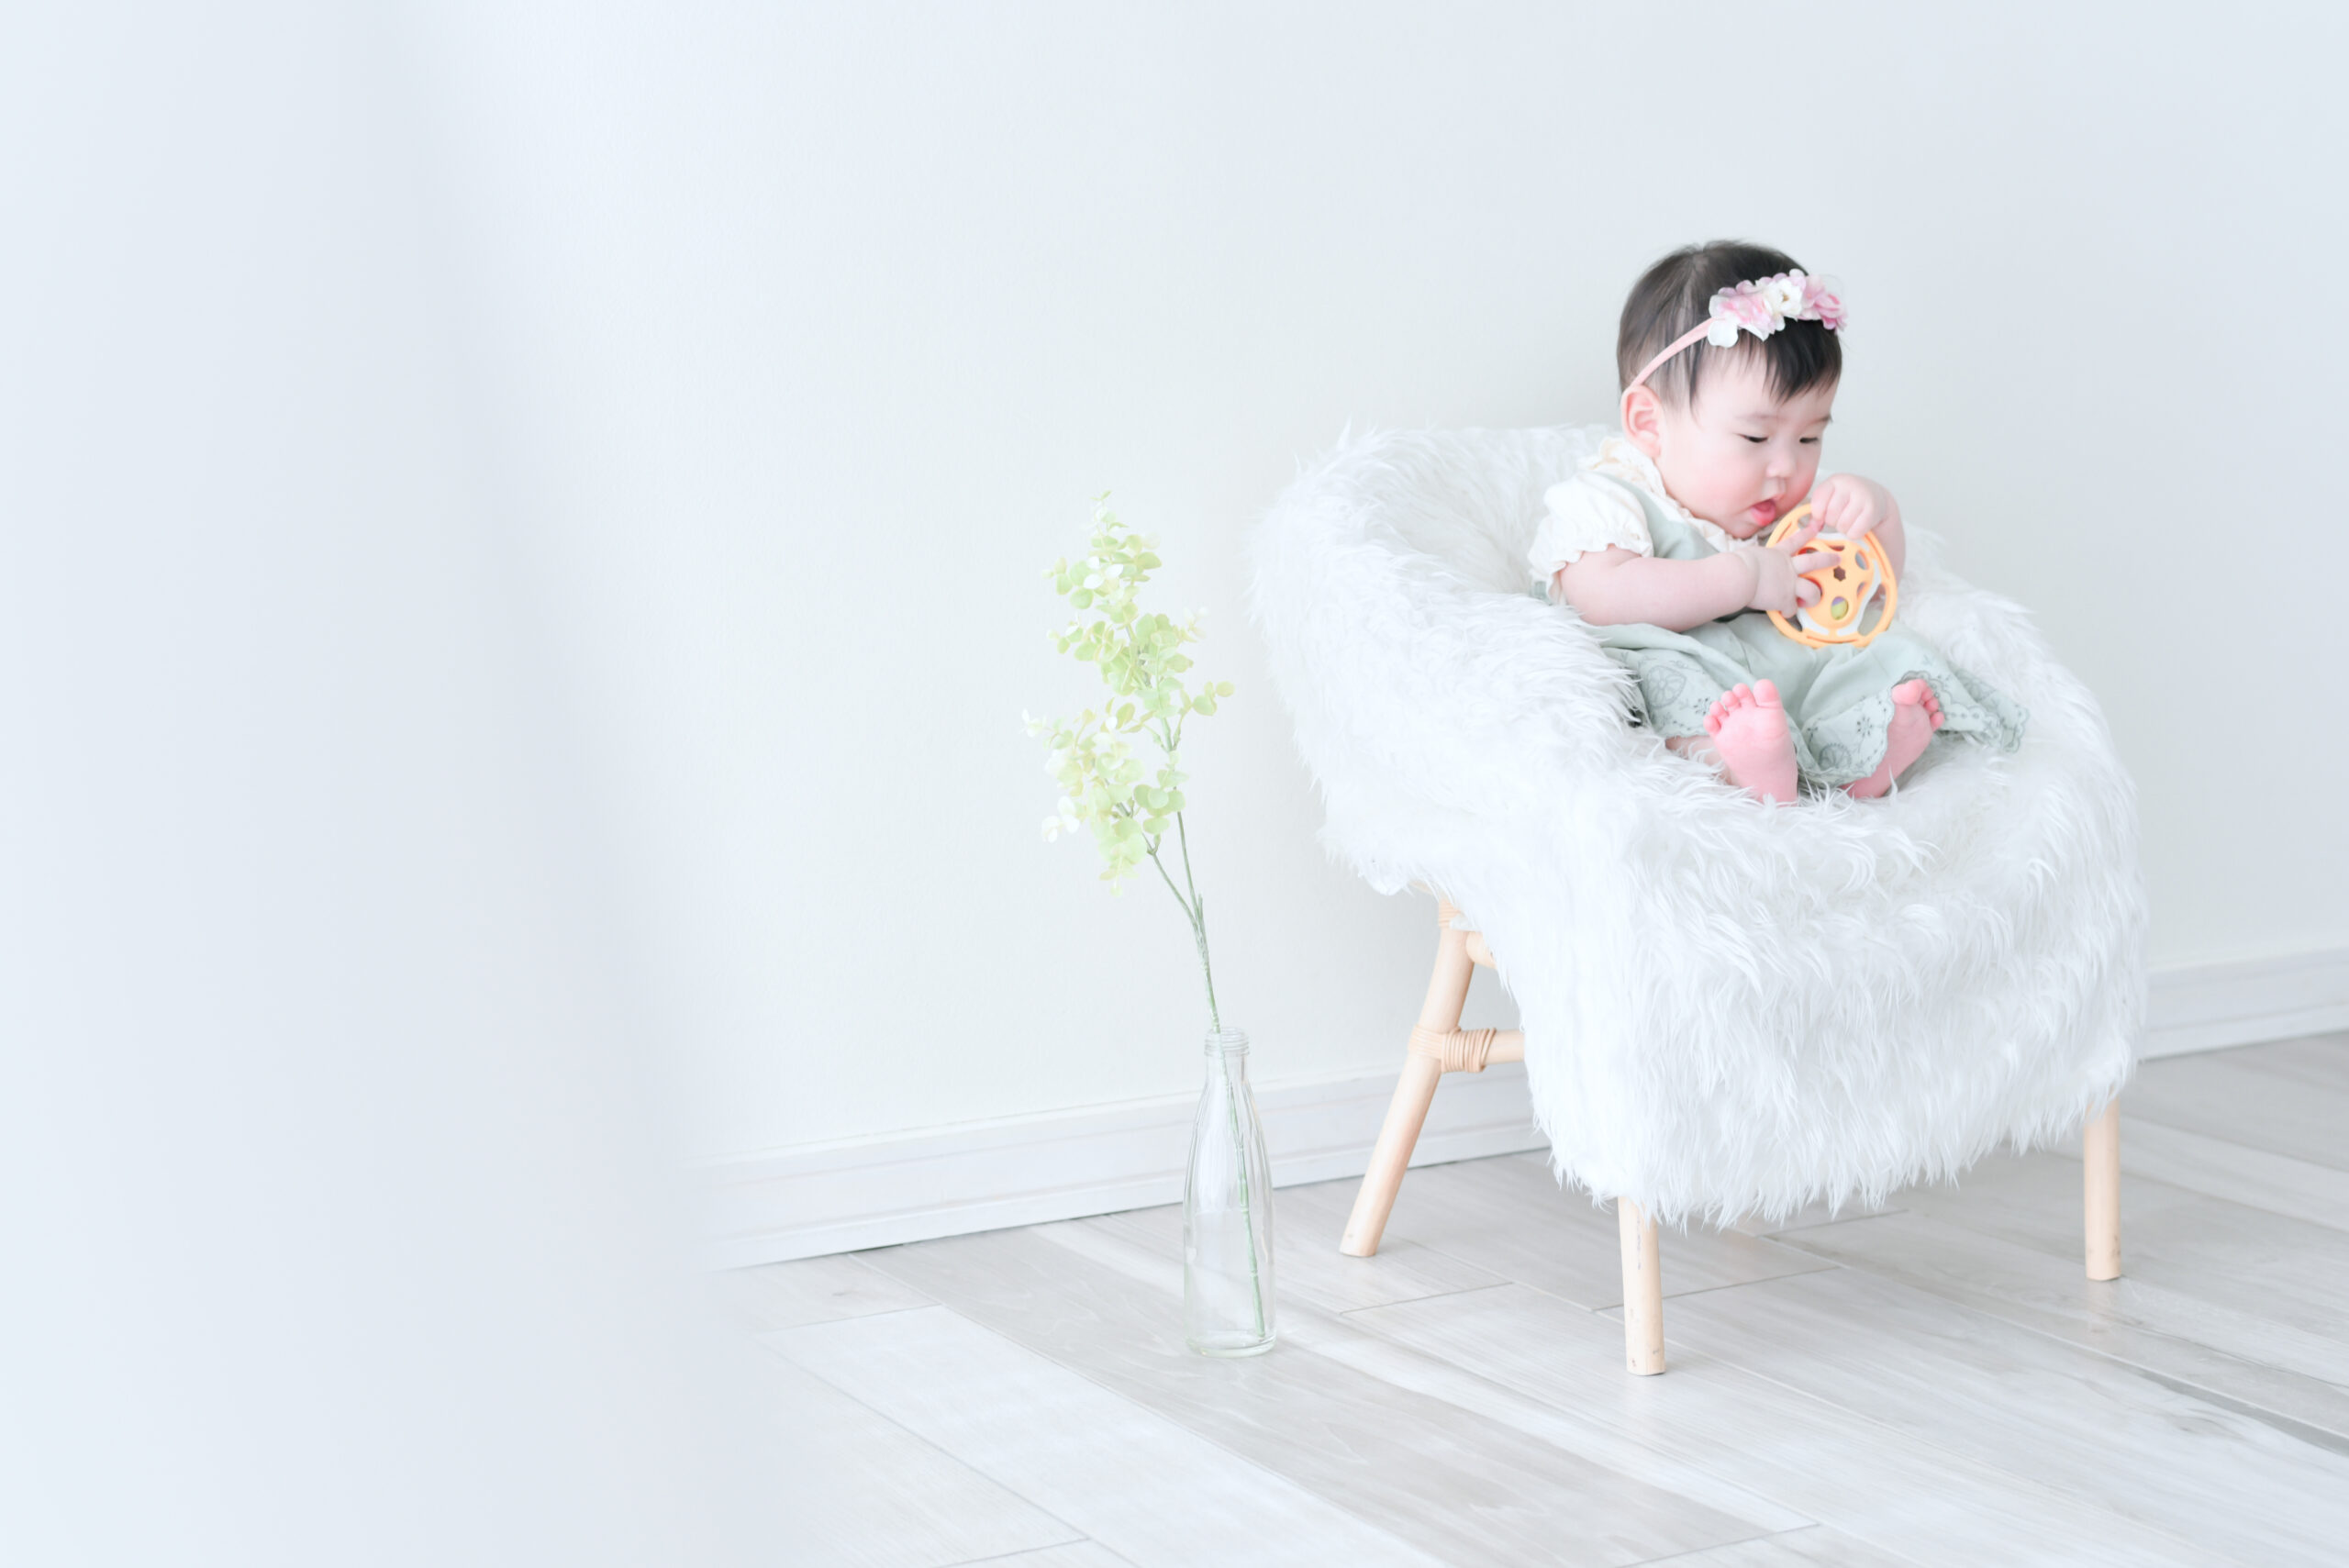 生後6ヶ月 赤ちゃん 女の子 自分のおもちゃをにぎにぎ 時々あむあむ味見 おもちゃに夢中になって丸まっている体のフォルムが可愛い フォトスタジオで撮影 宇都宮写真館 フォトジェニックサクラスタジオ